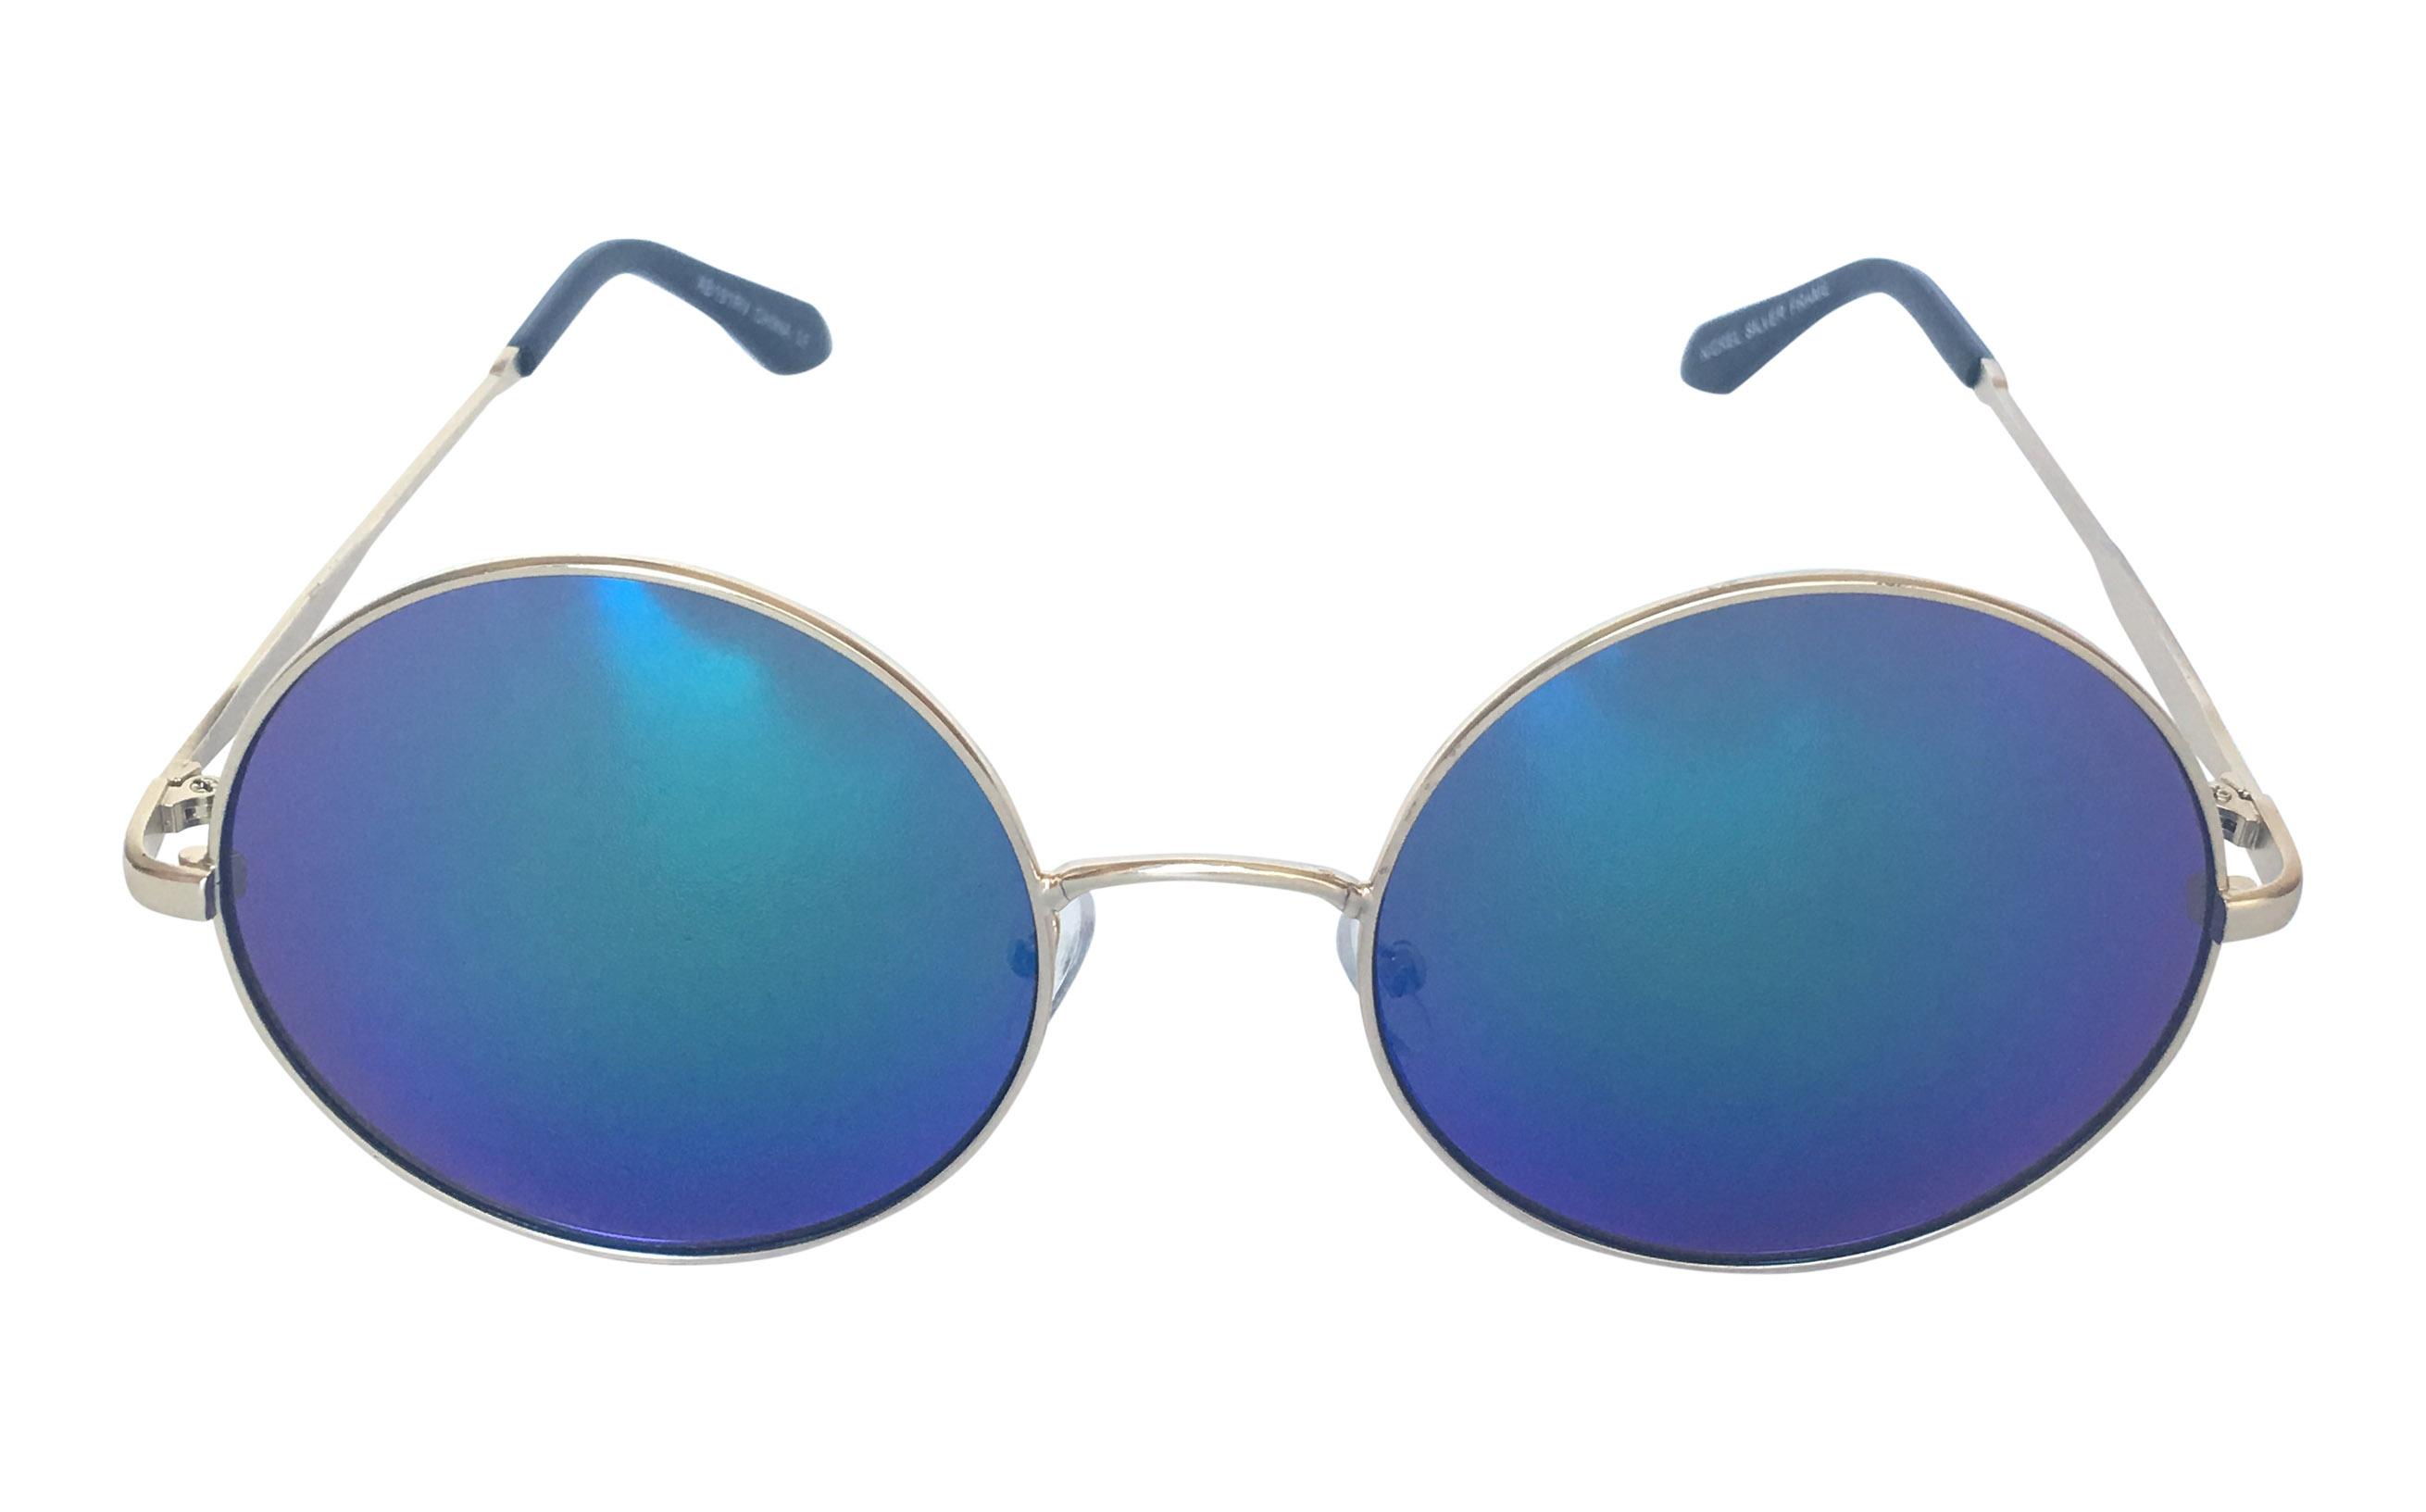 05a85c3408ea Retro   Vintage solbriller. Kæmpe udvalg fra 59 kr. 1-dags levering.